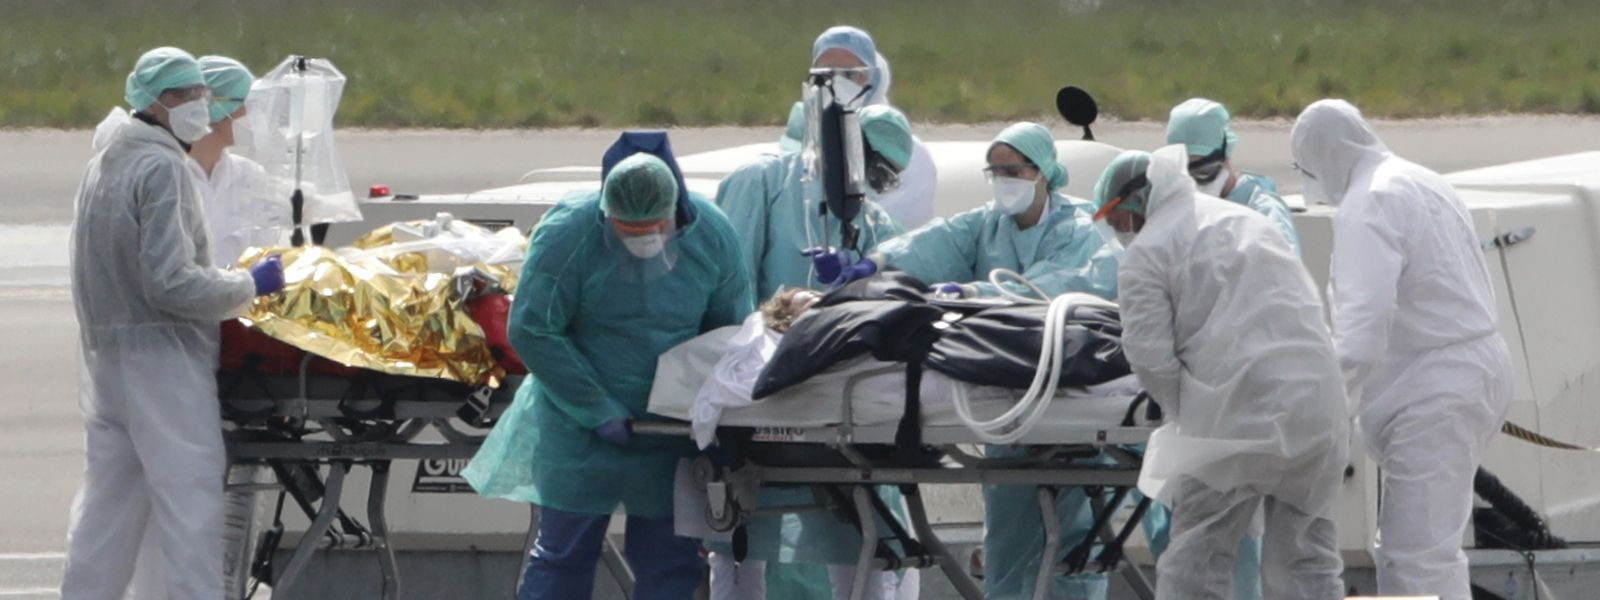 Au plus fort de la crise, le Luxembourg avait déjà accueilli onze patients français dans ses hôpitaux. Mais aussi des malades venant d'Allemagne ou d'Autriche.